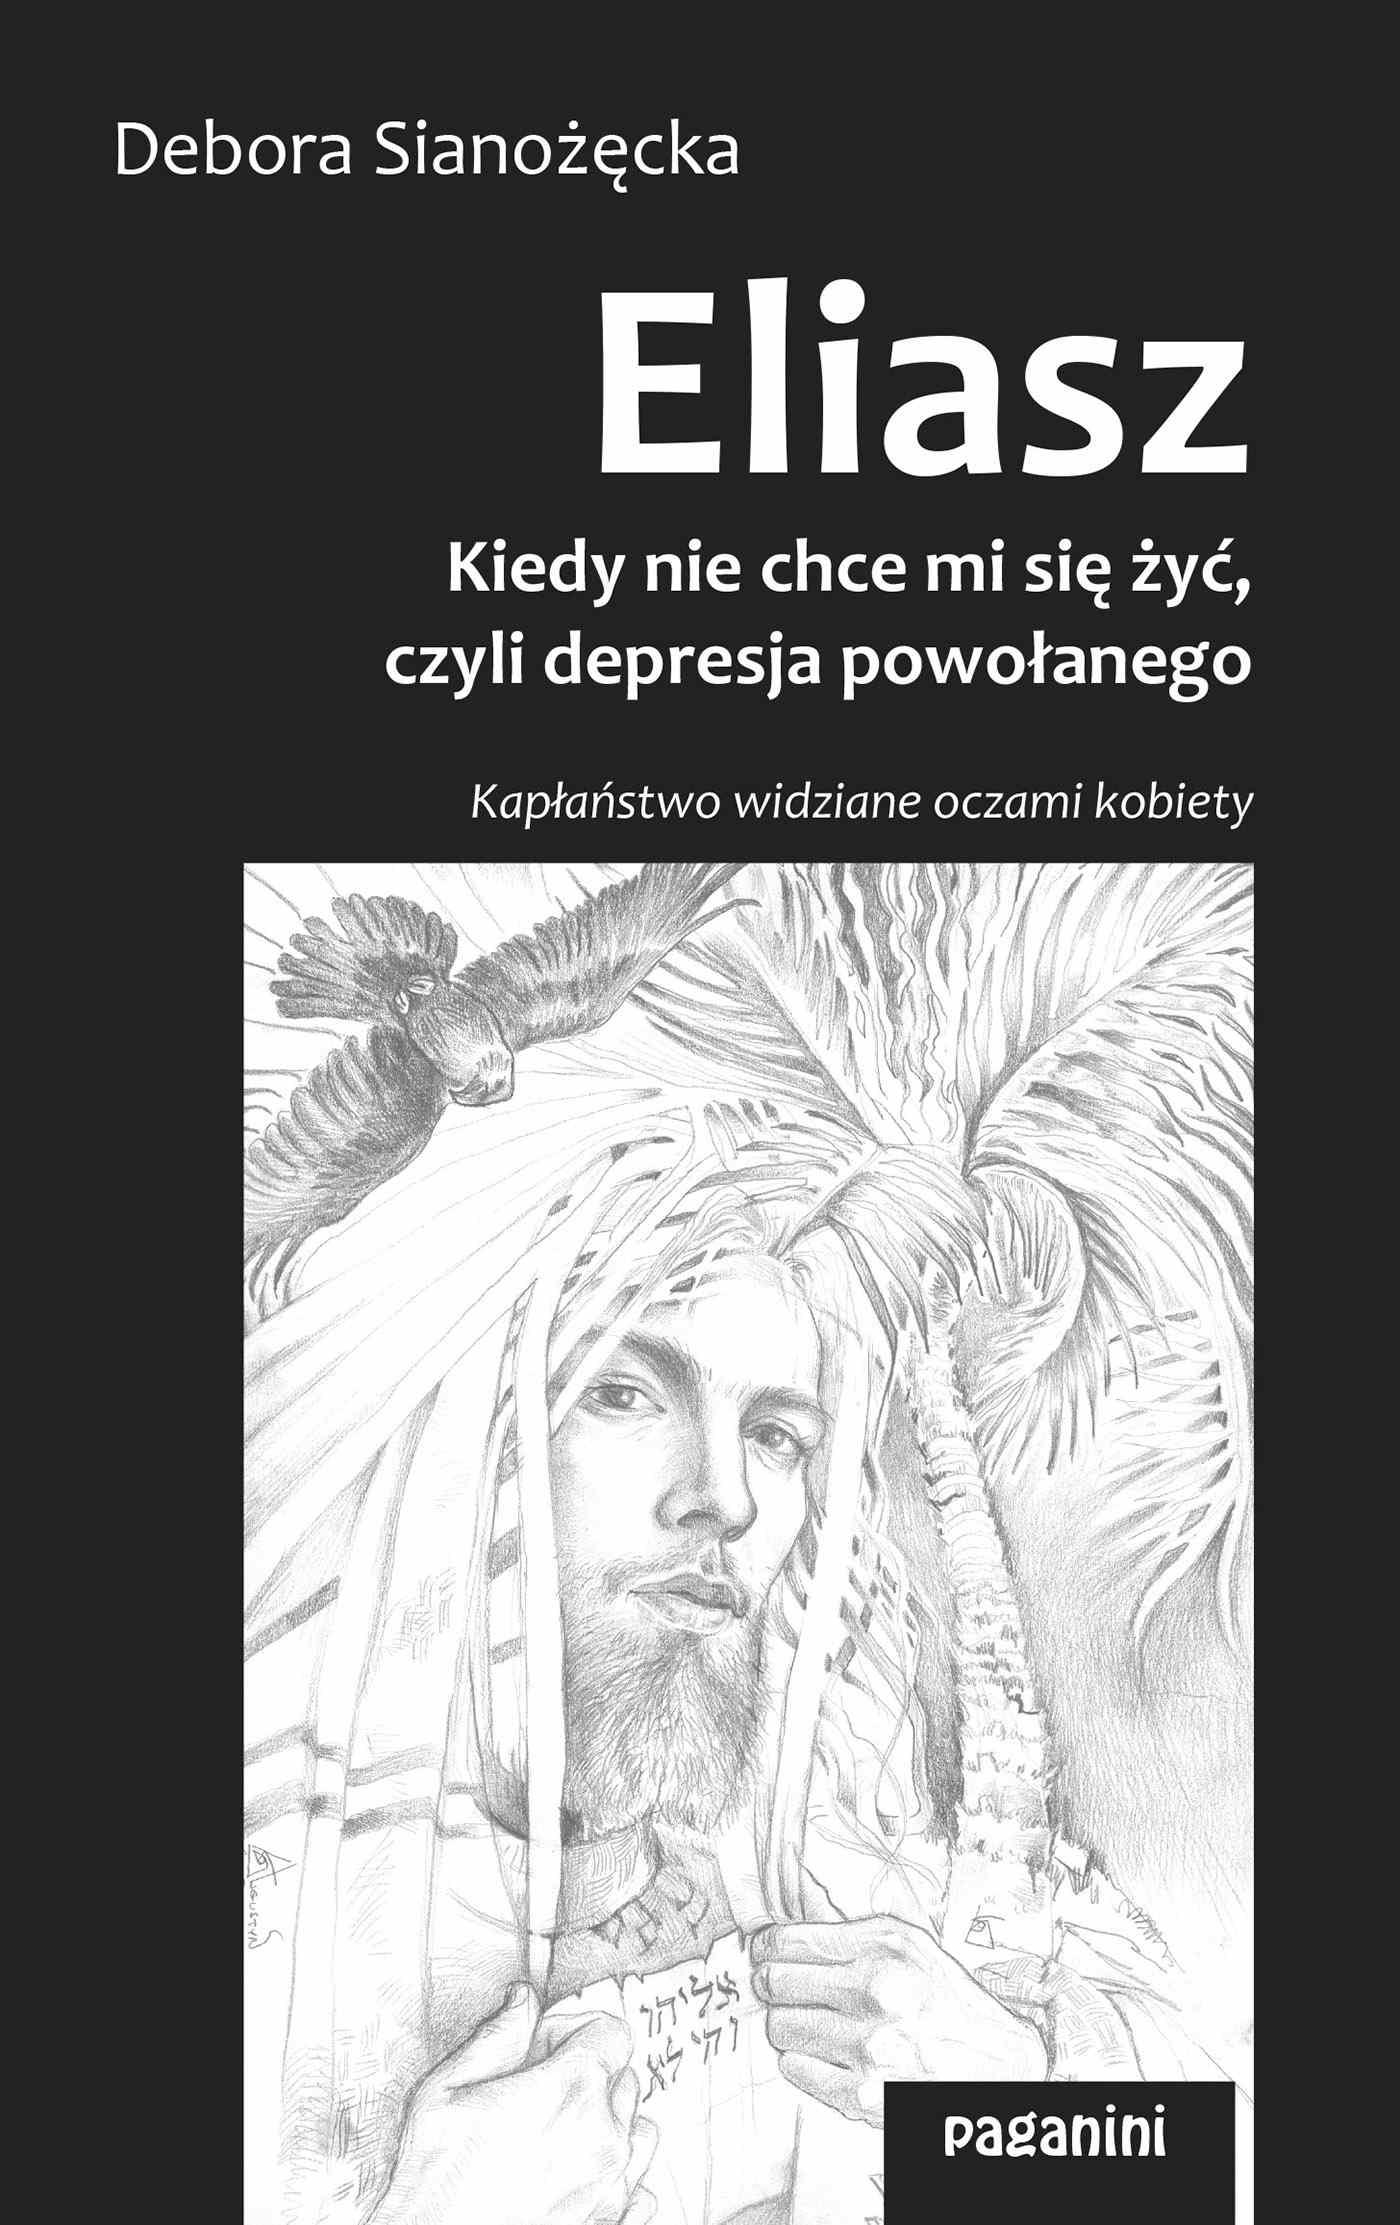 ELIASZ – kiedy nie chce mi się żyć, czyli depresja powołanego. Kapłaństwo widziane oczami kobiety. - Ebook (Książka EPUB) do pobrania w formacie EPUB